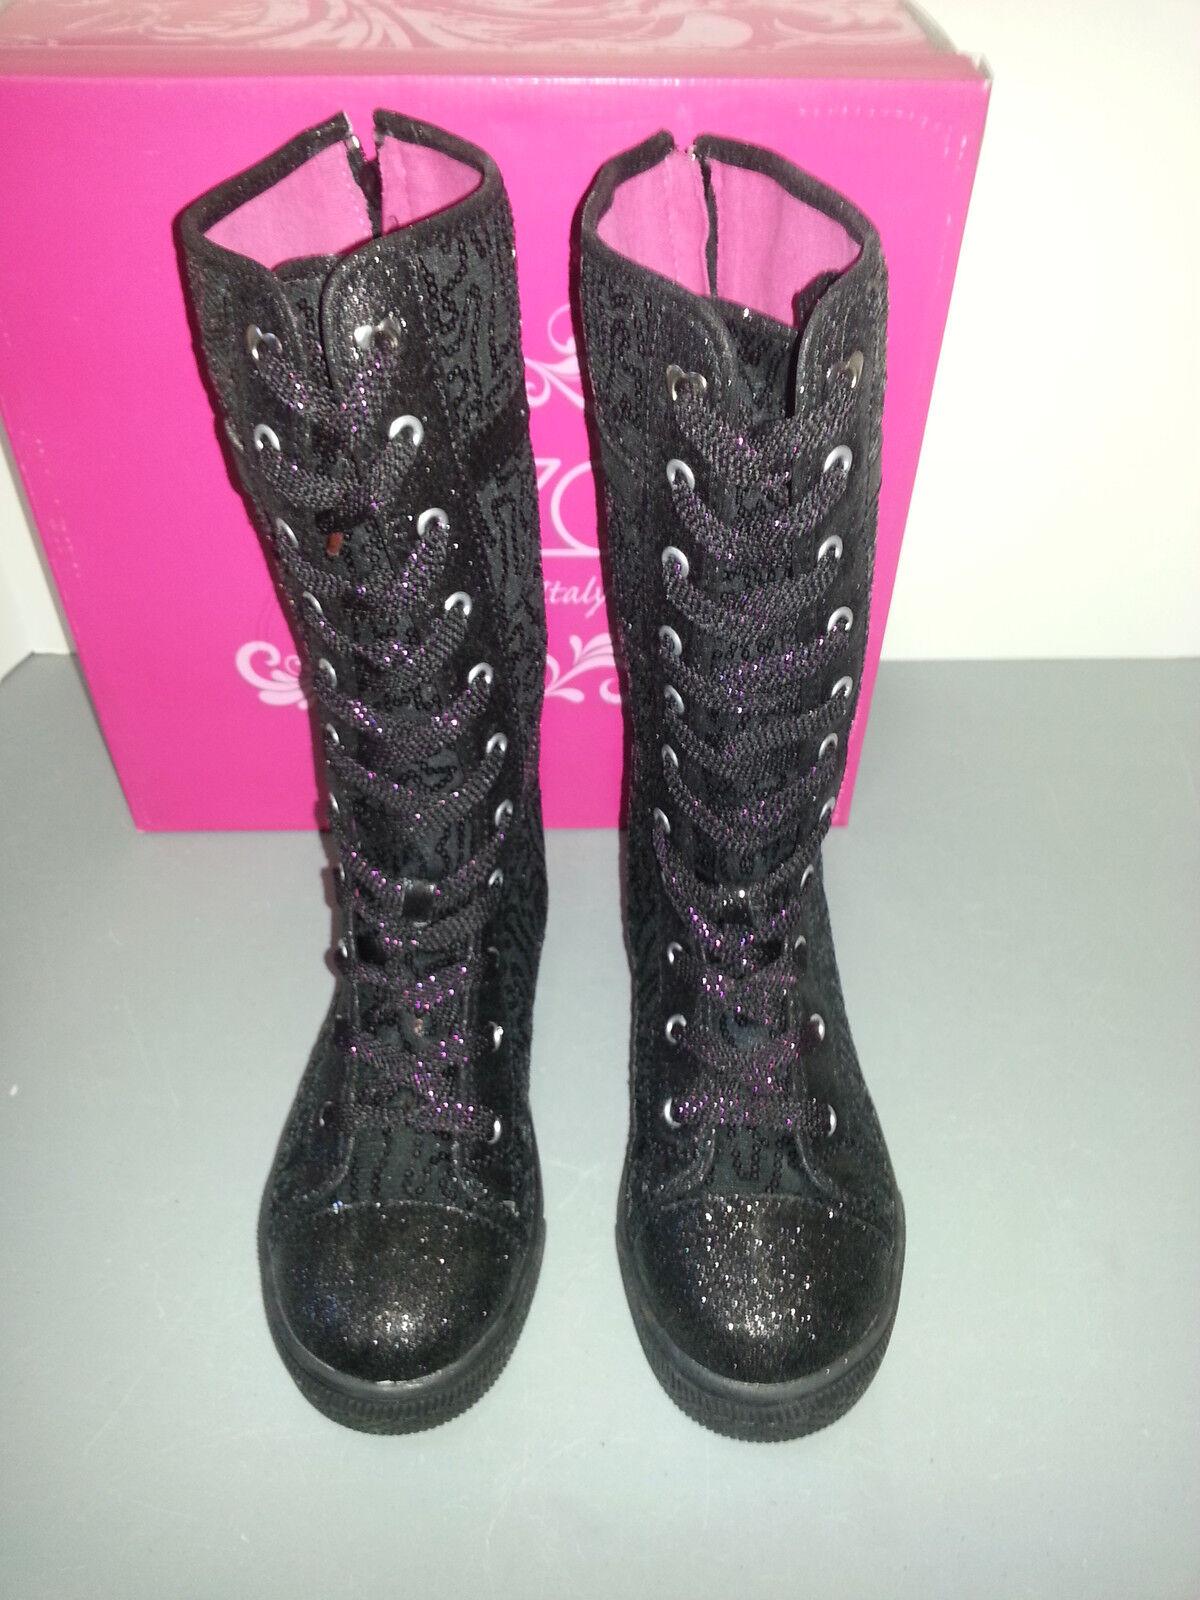 Enzo Angiolini Lentejuelas Negro lace/buckle Up Zapatillas 3 Botas Para Mujer De 3 Zapatillas Chicas 946216